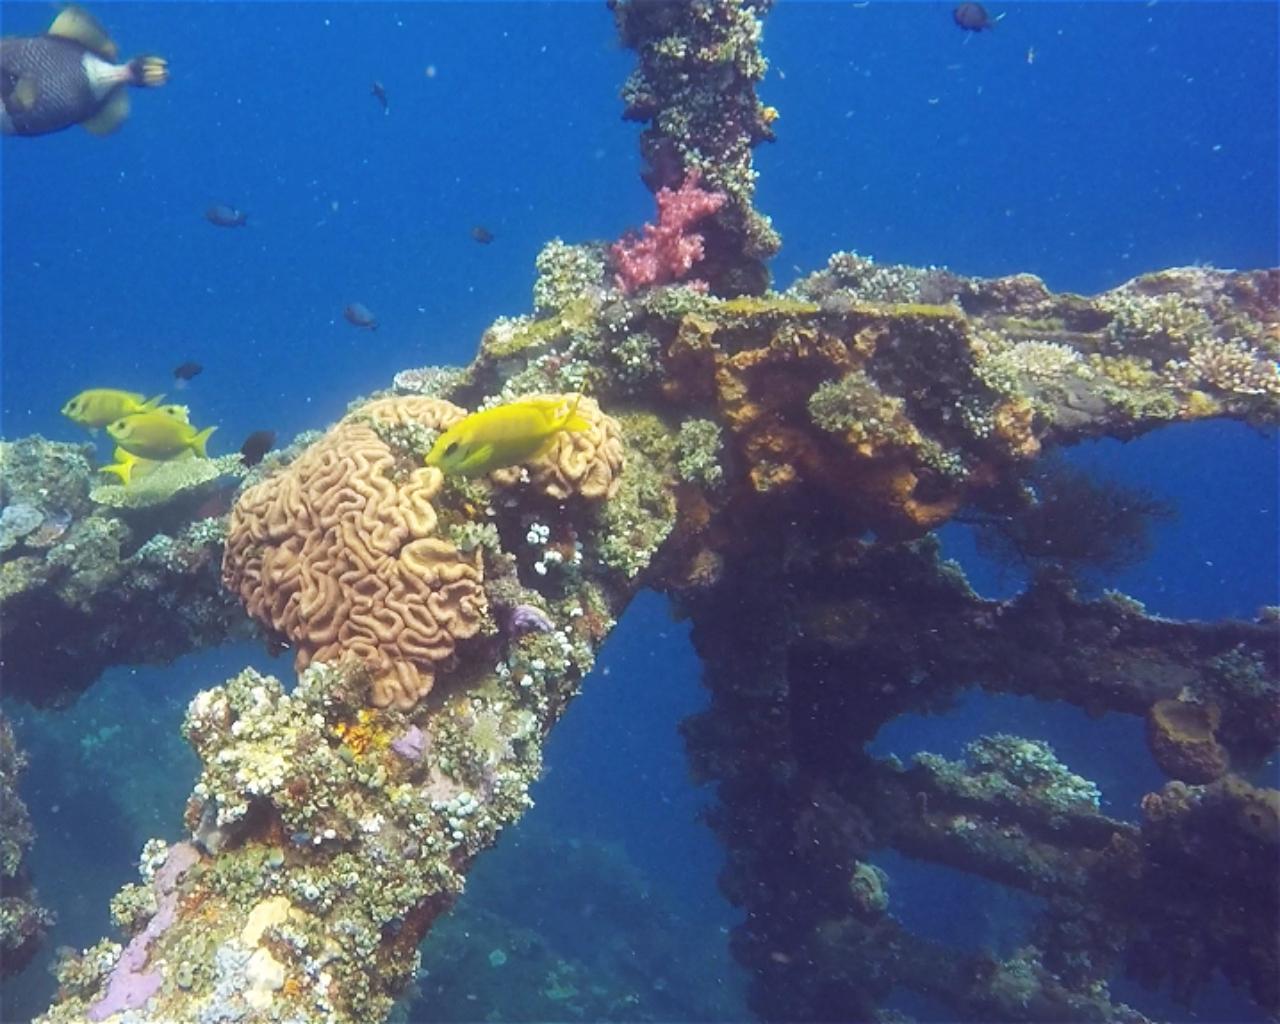 USAT Liberty (Wreck)